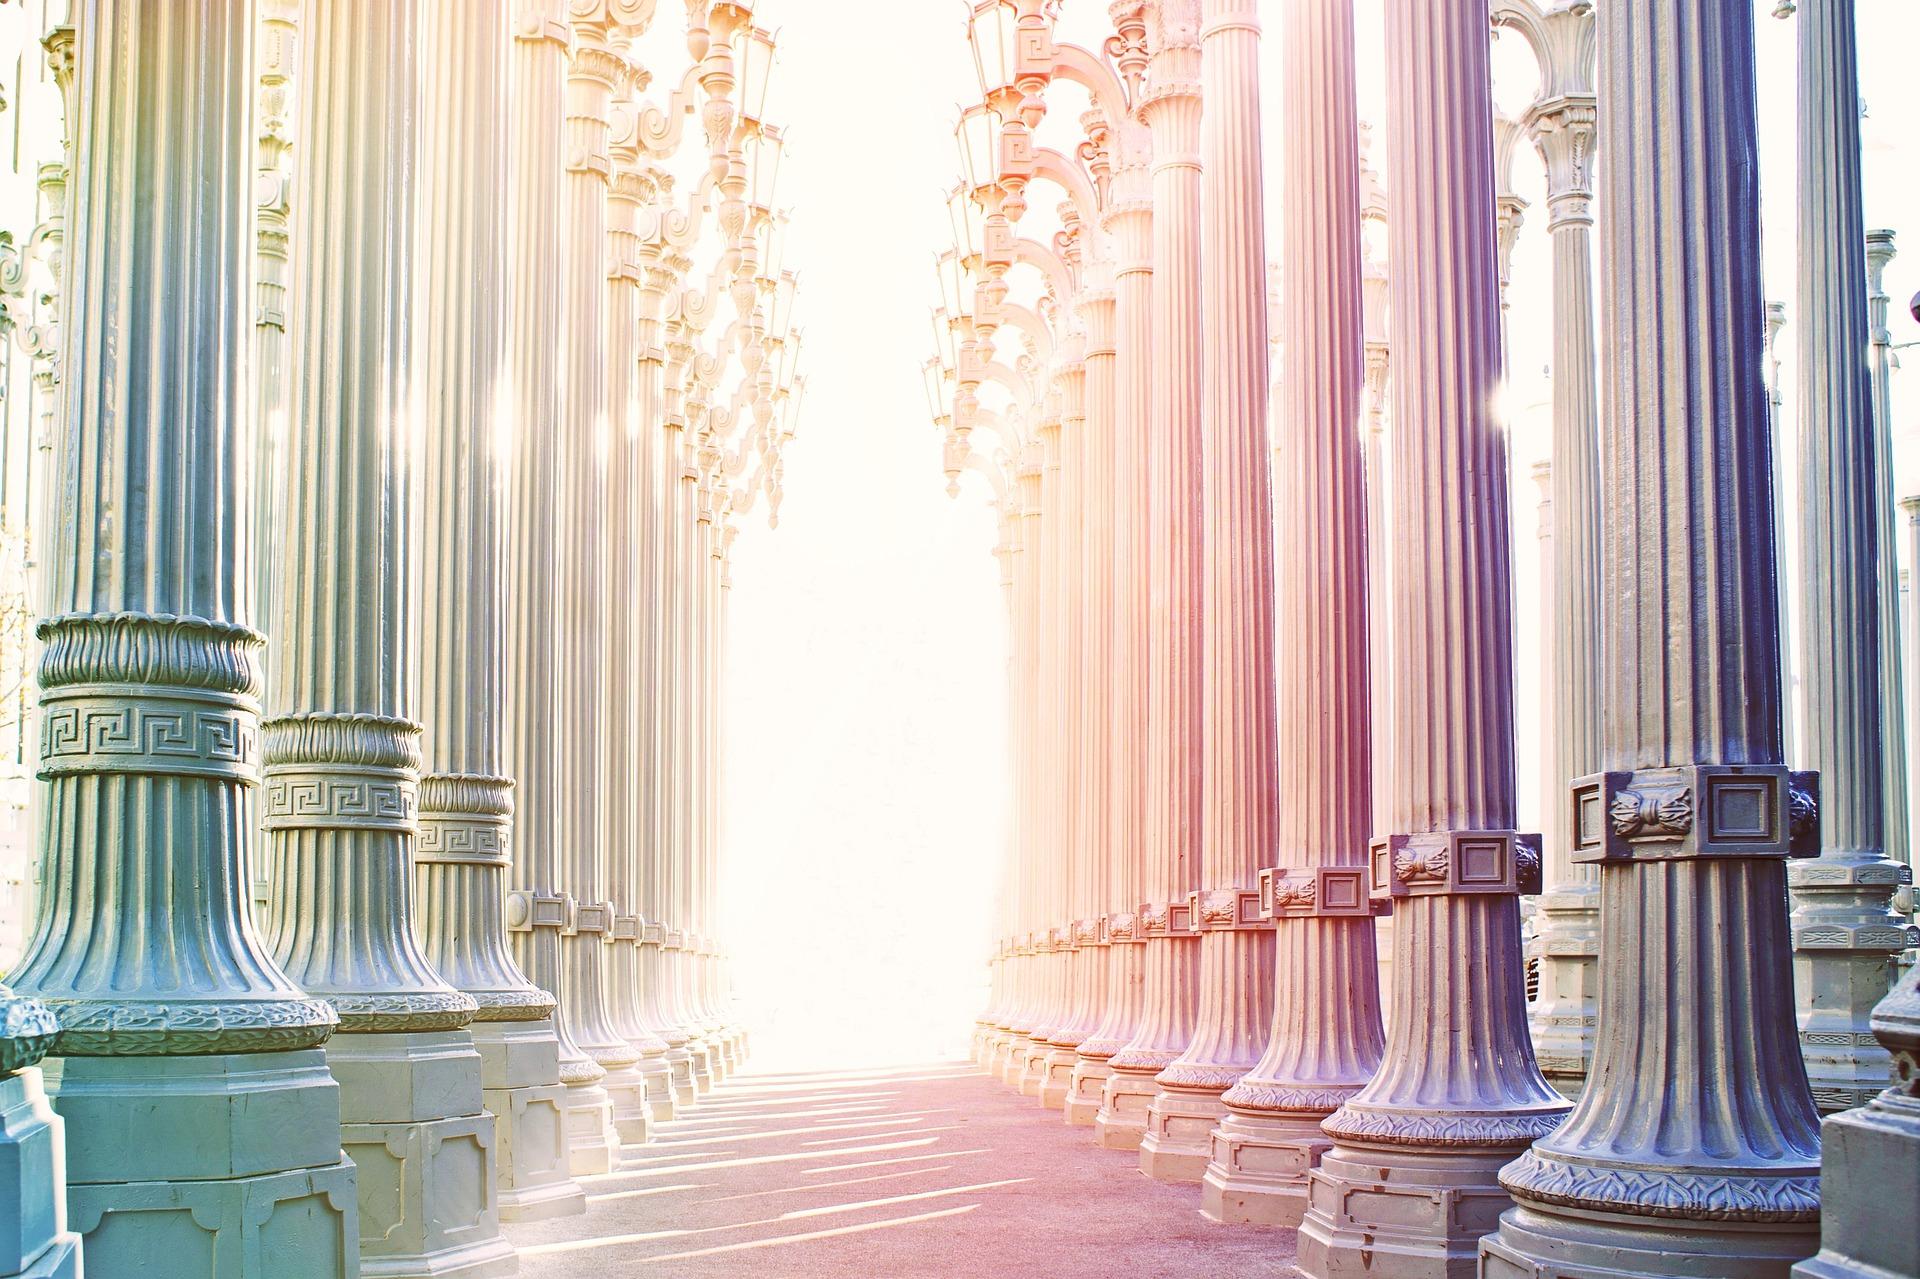 columnar-945653_1920.jpg